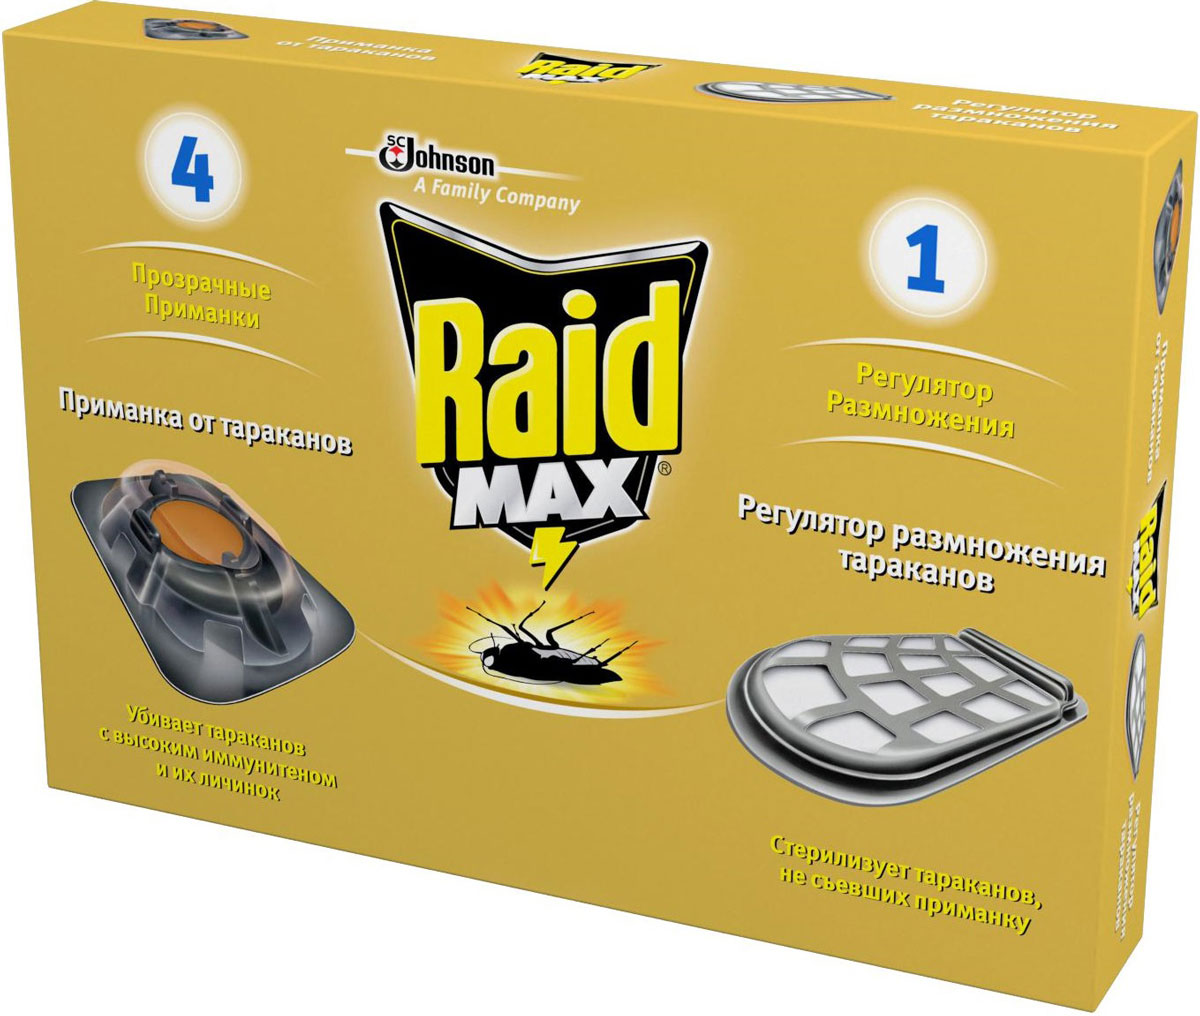 Средство от тараканов Raid Max: 4 приманки, регулятор размножения636828Приманки от тараканов Raid Max содержат инсектицид нового поколения Абамекин, эффективно уничтожающий даже тех тараканов, которые выработали иммунитет к другим средствам, а также эффективно действующий против их личинок. Прозрачный верх приманки Raid Max позволяет вам видеть пищу с инсектицидом, находящуюся внутри, что дает возможность контролировать длительность работы приманки:пока содержимое не съедено полностью, приманка работает (не более трех месяцев).Способ применения Приманок от тараканов Raid Max: Для максимального эффекта используйте одновременно 3-4приманки на площади до 7 квадратных метров, а при большом количестве насекомых удвойте количество приманок.Длялучшего эффекта располагайте приманки в непосредственной близости от плинтусов, в углах, под мойкой, в шкафах, где хранятся мусорные ведра и вблизи водопроводных труб.Меняйте ВСЕ приманки каждые 3 месяца. Укажите дату размещения приманки на обратной стороне диска и используйте этот указатель для напоминания о дате смены приманки.После использования, не нарушая целостности приманки, завернуть в бумагу и выбросить в мусоропровод.